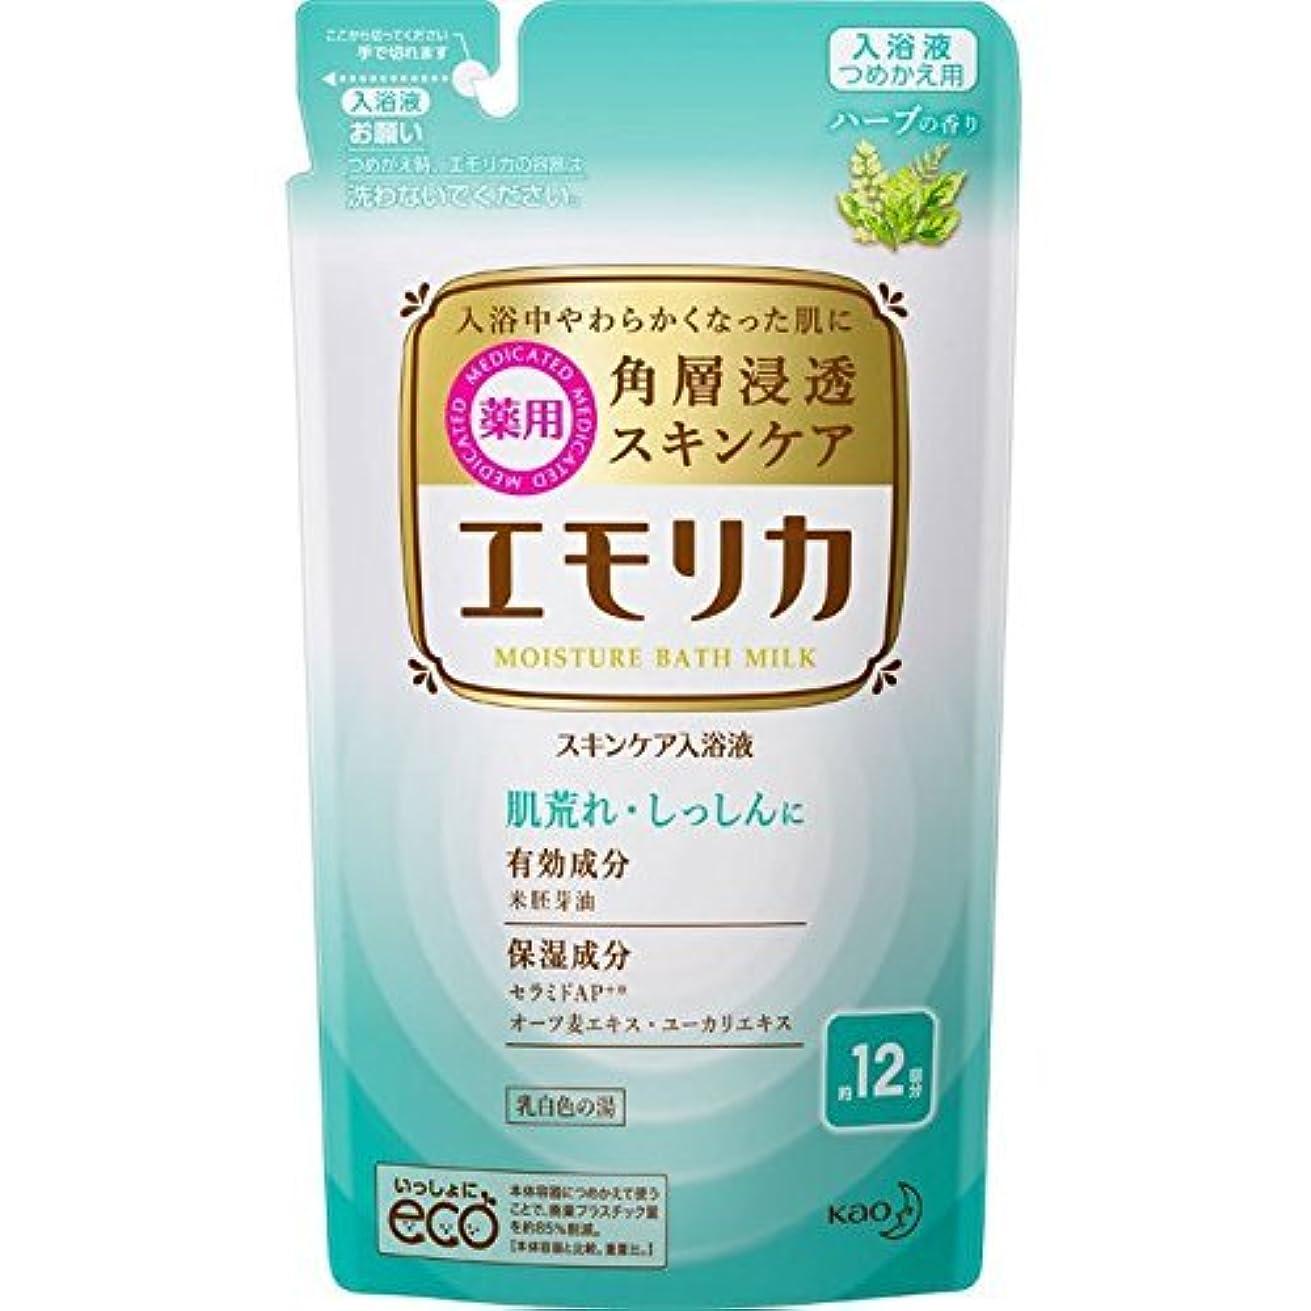 艶ツールコンパニオン【花王】エモリカ ハーブの香り つめかえ用 360ml ×20個セット